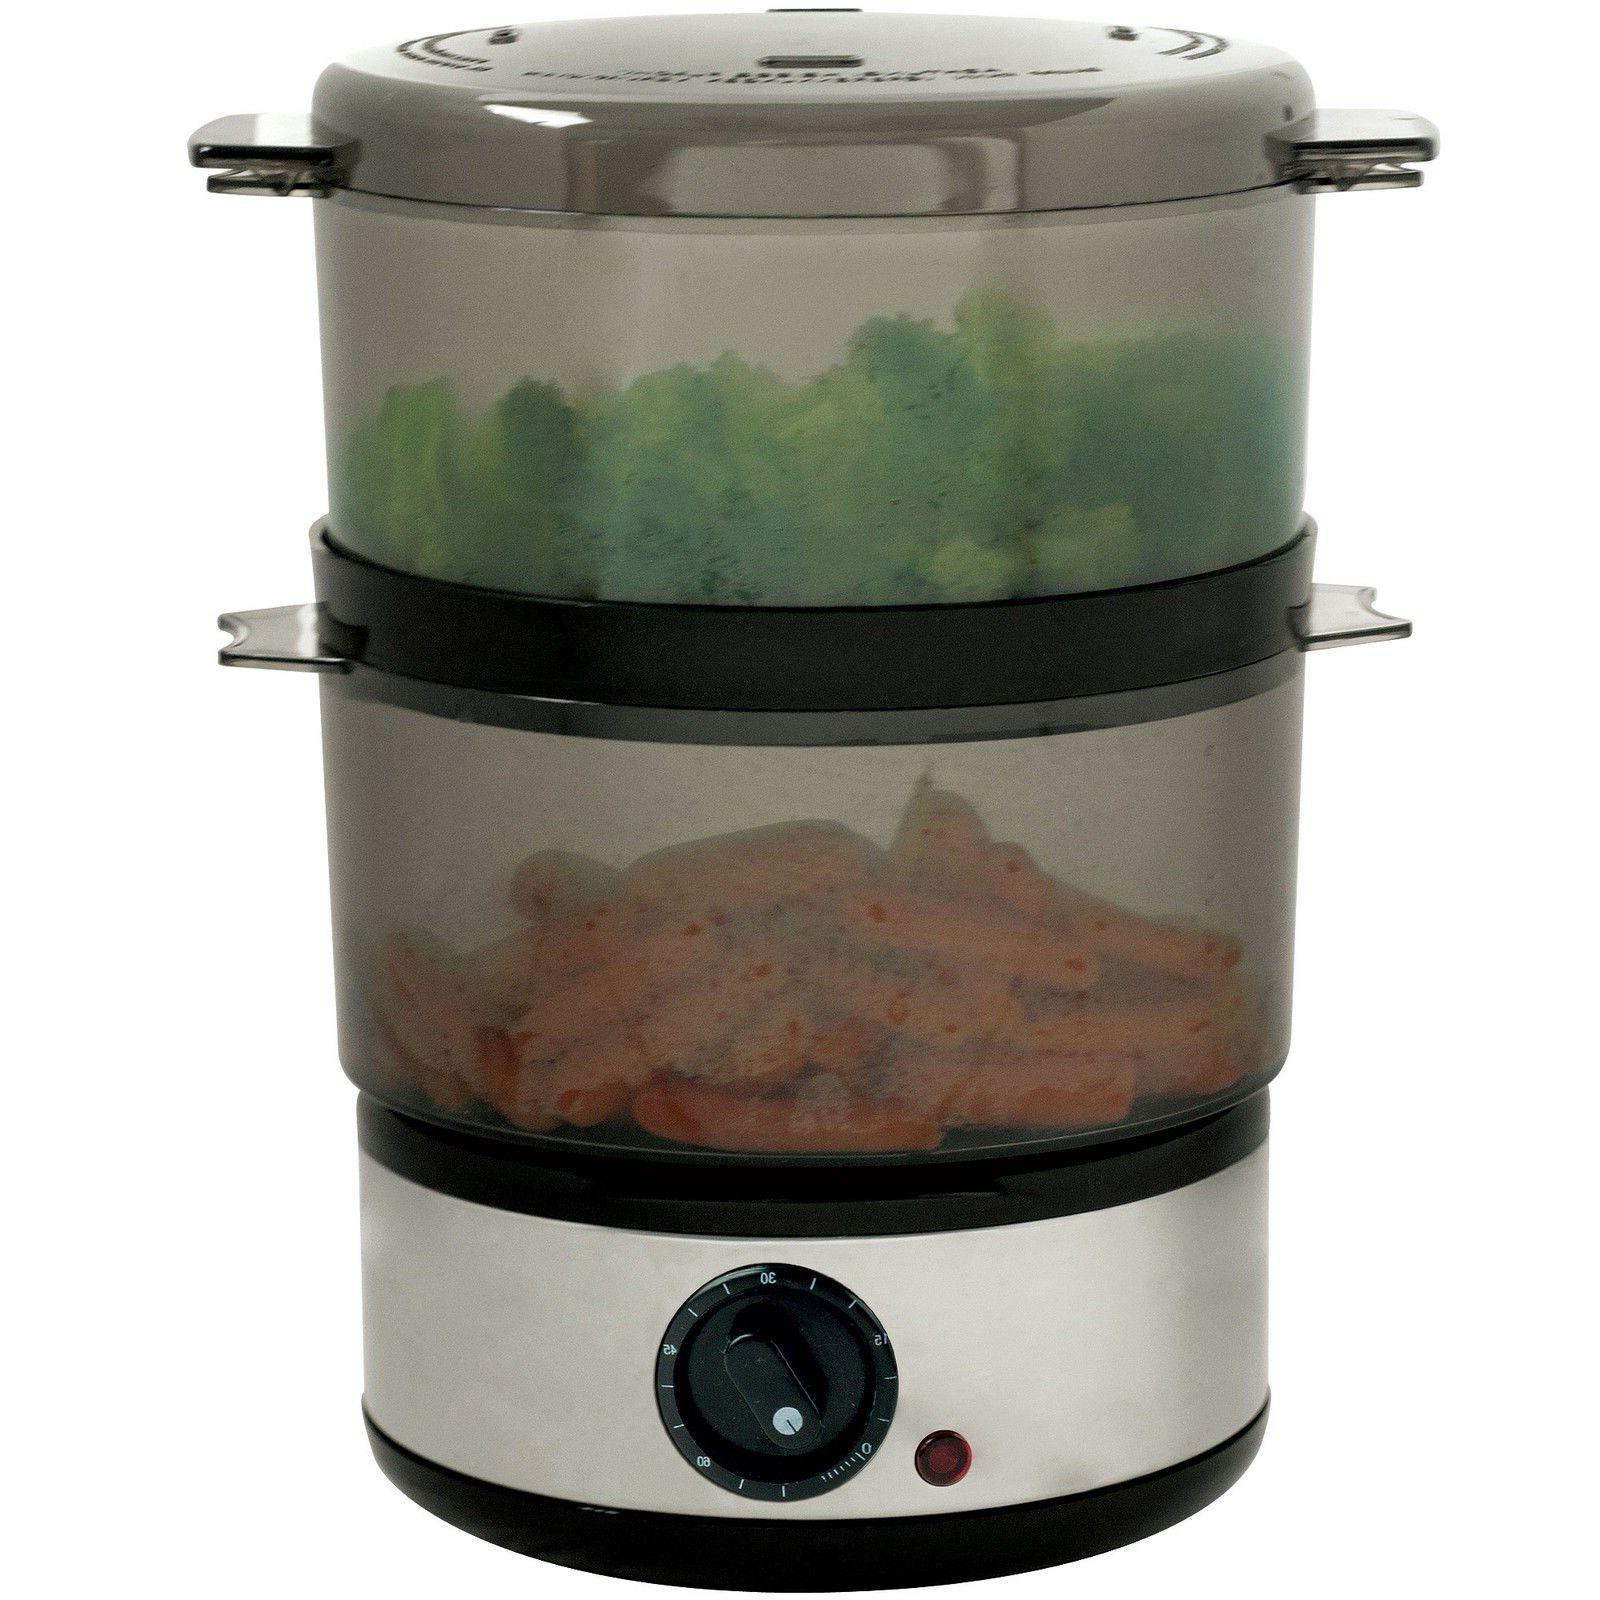 400 Steel Food Steamer - Quart cooking Healthy